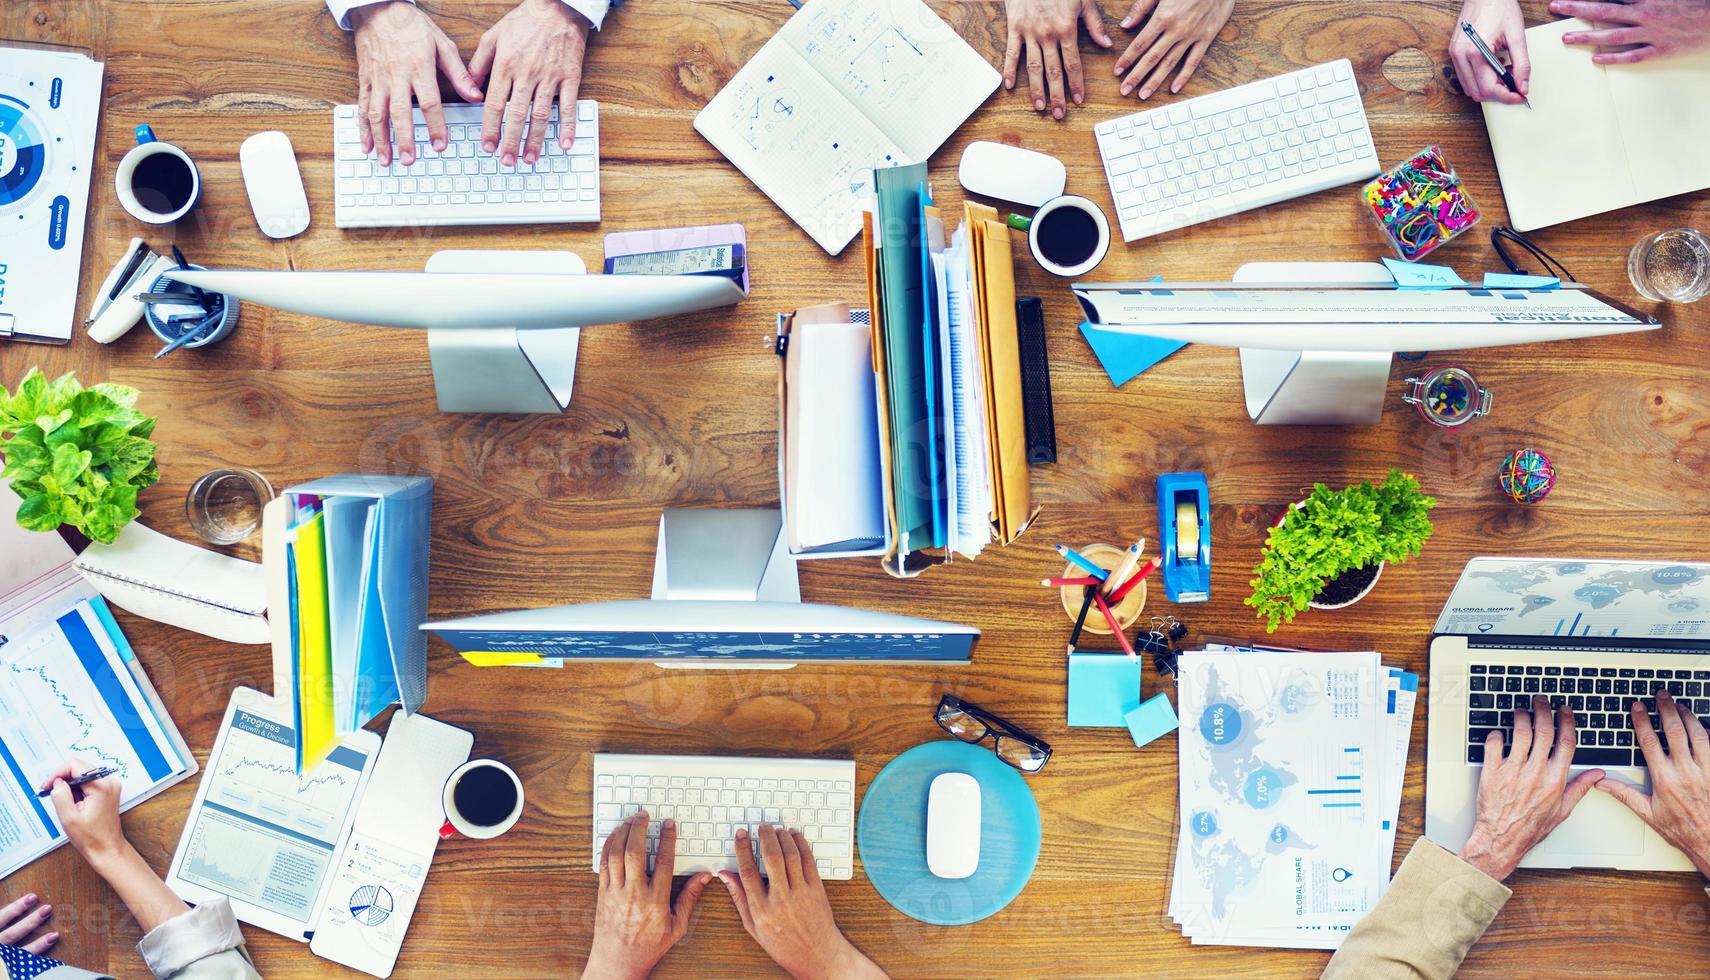 Gruppe von Geschäftsleuten beschäftigt im Büro zu arbeiten foto